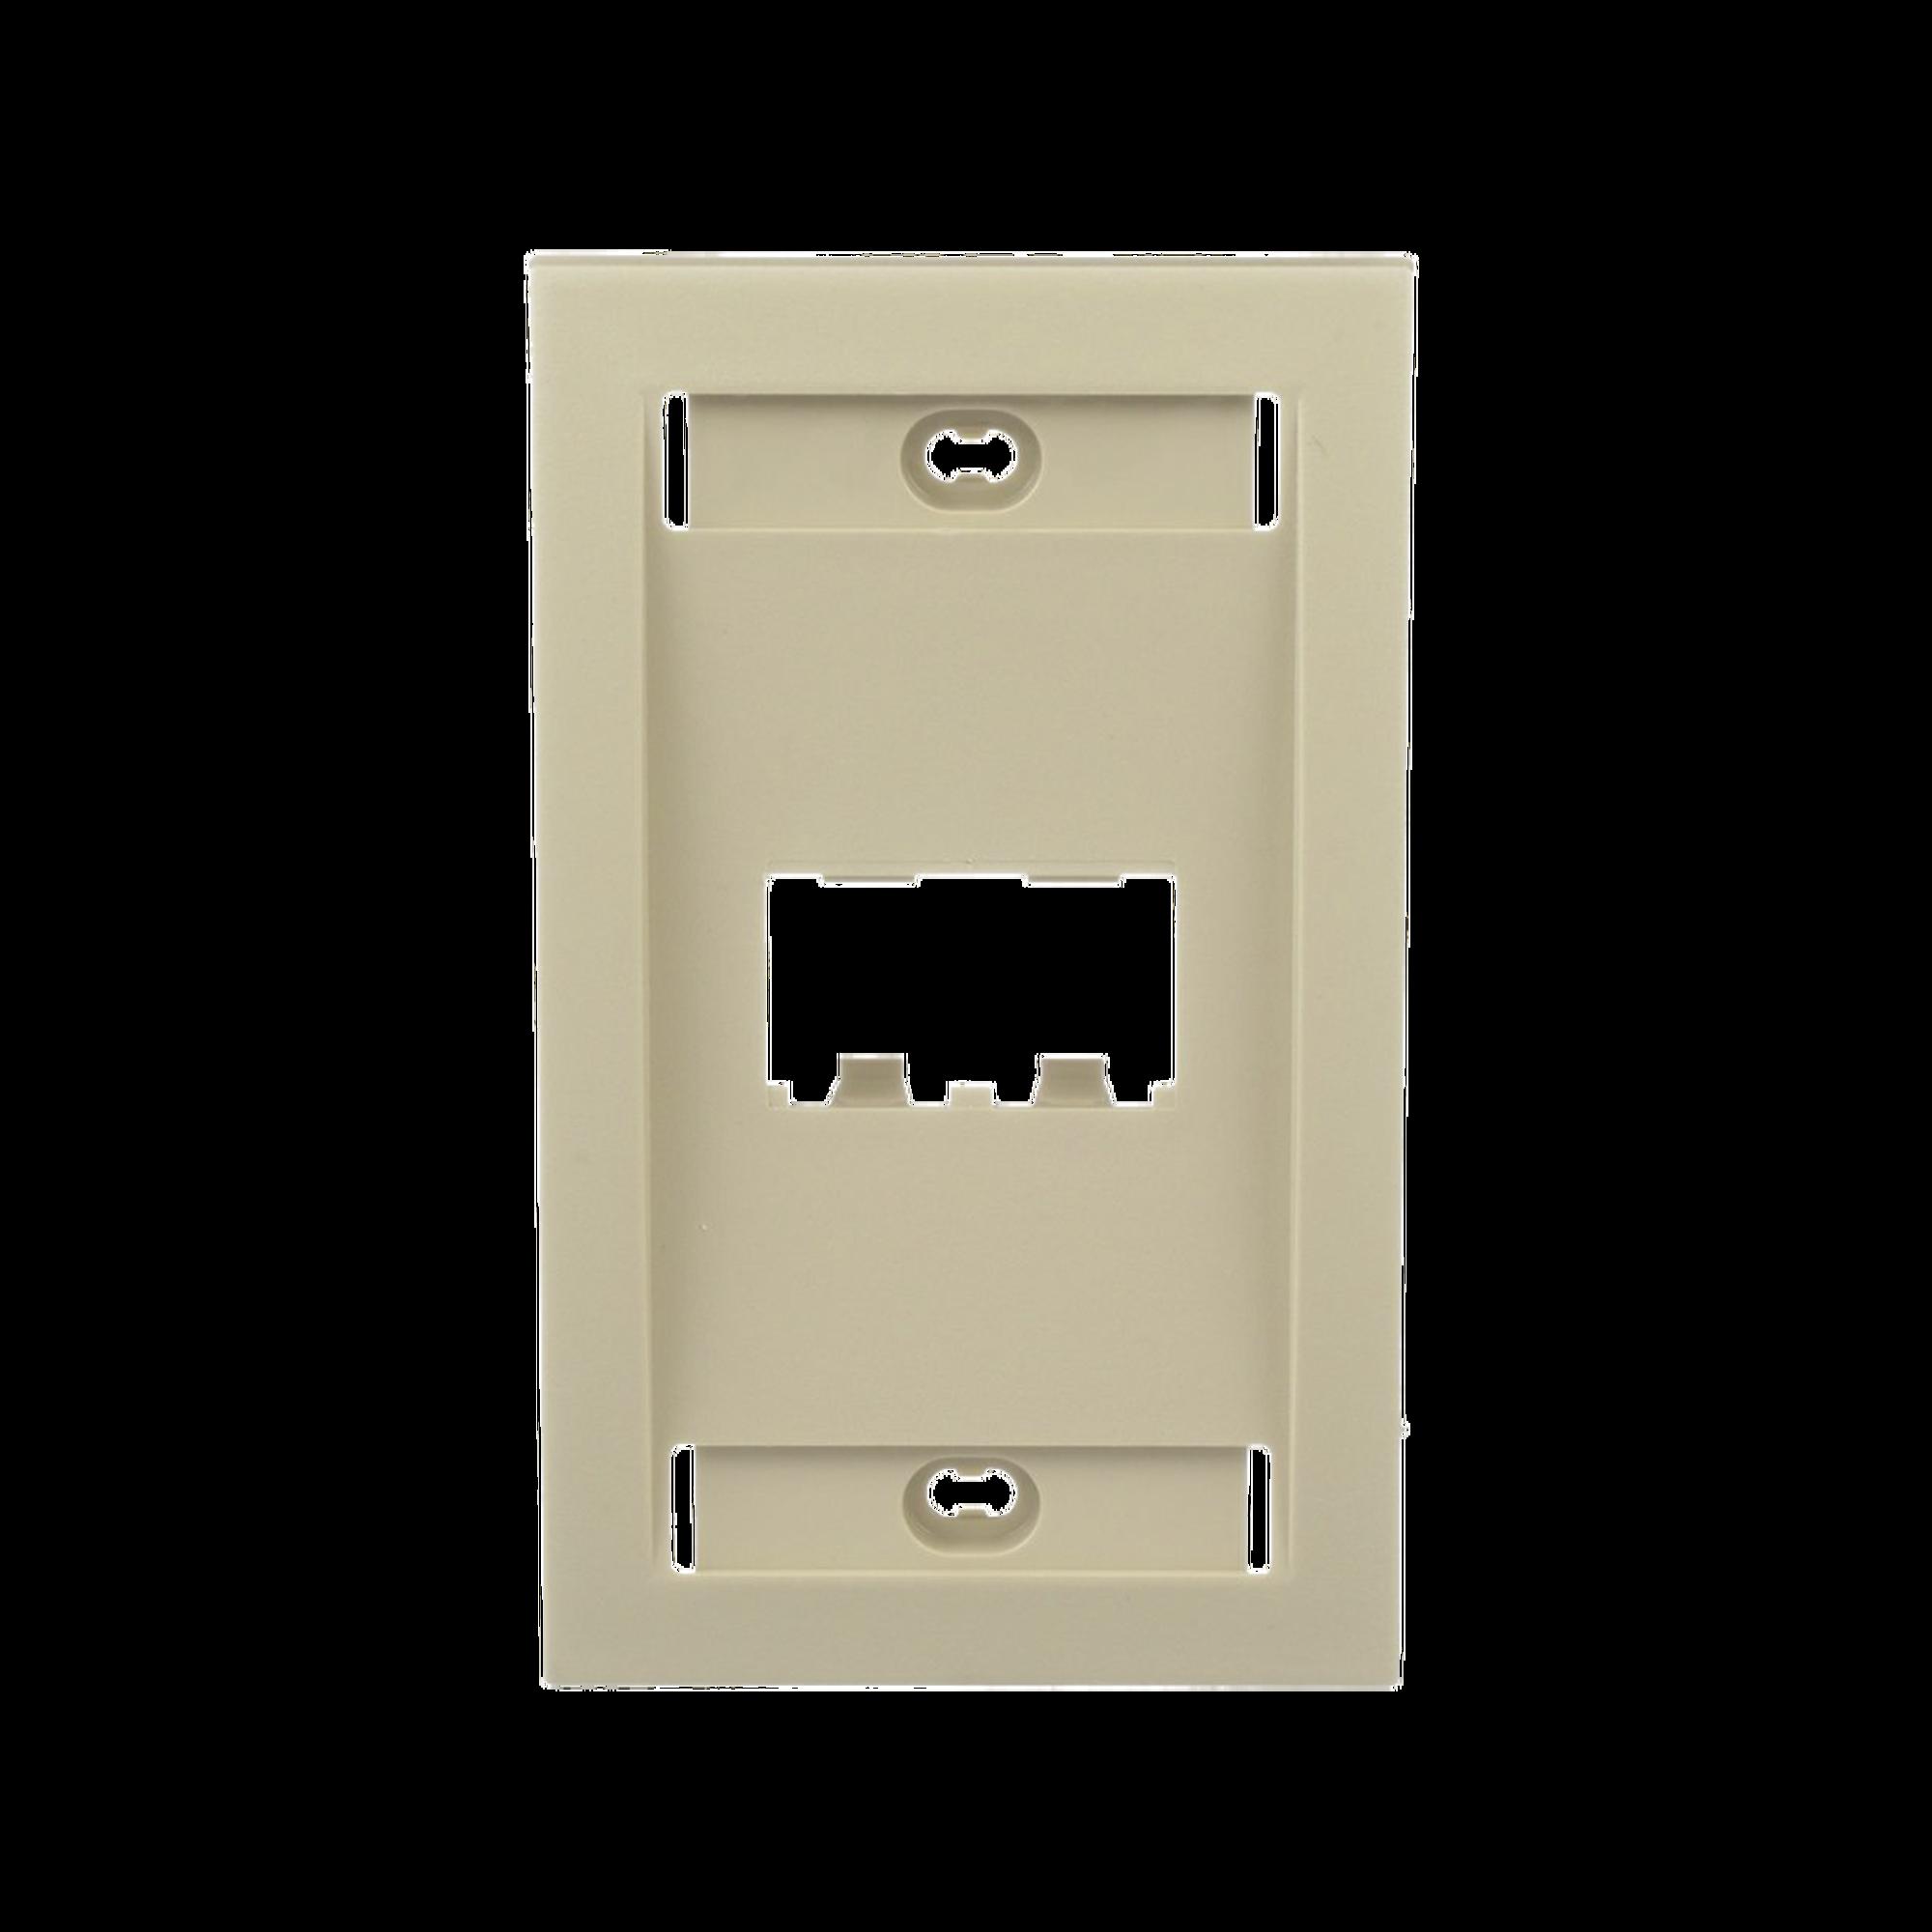 Placa de Pared Vertical Ejecutiva, Salida Para 2 Puertos Mini-Com, Con Espacios Para Etiquetas, Color Marfil